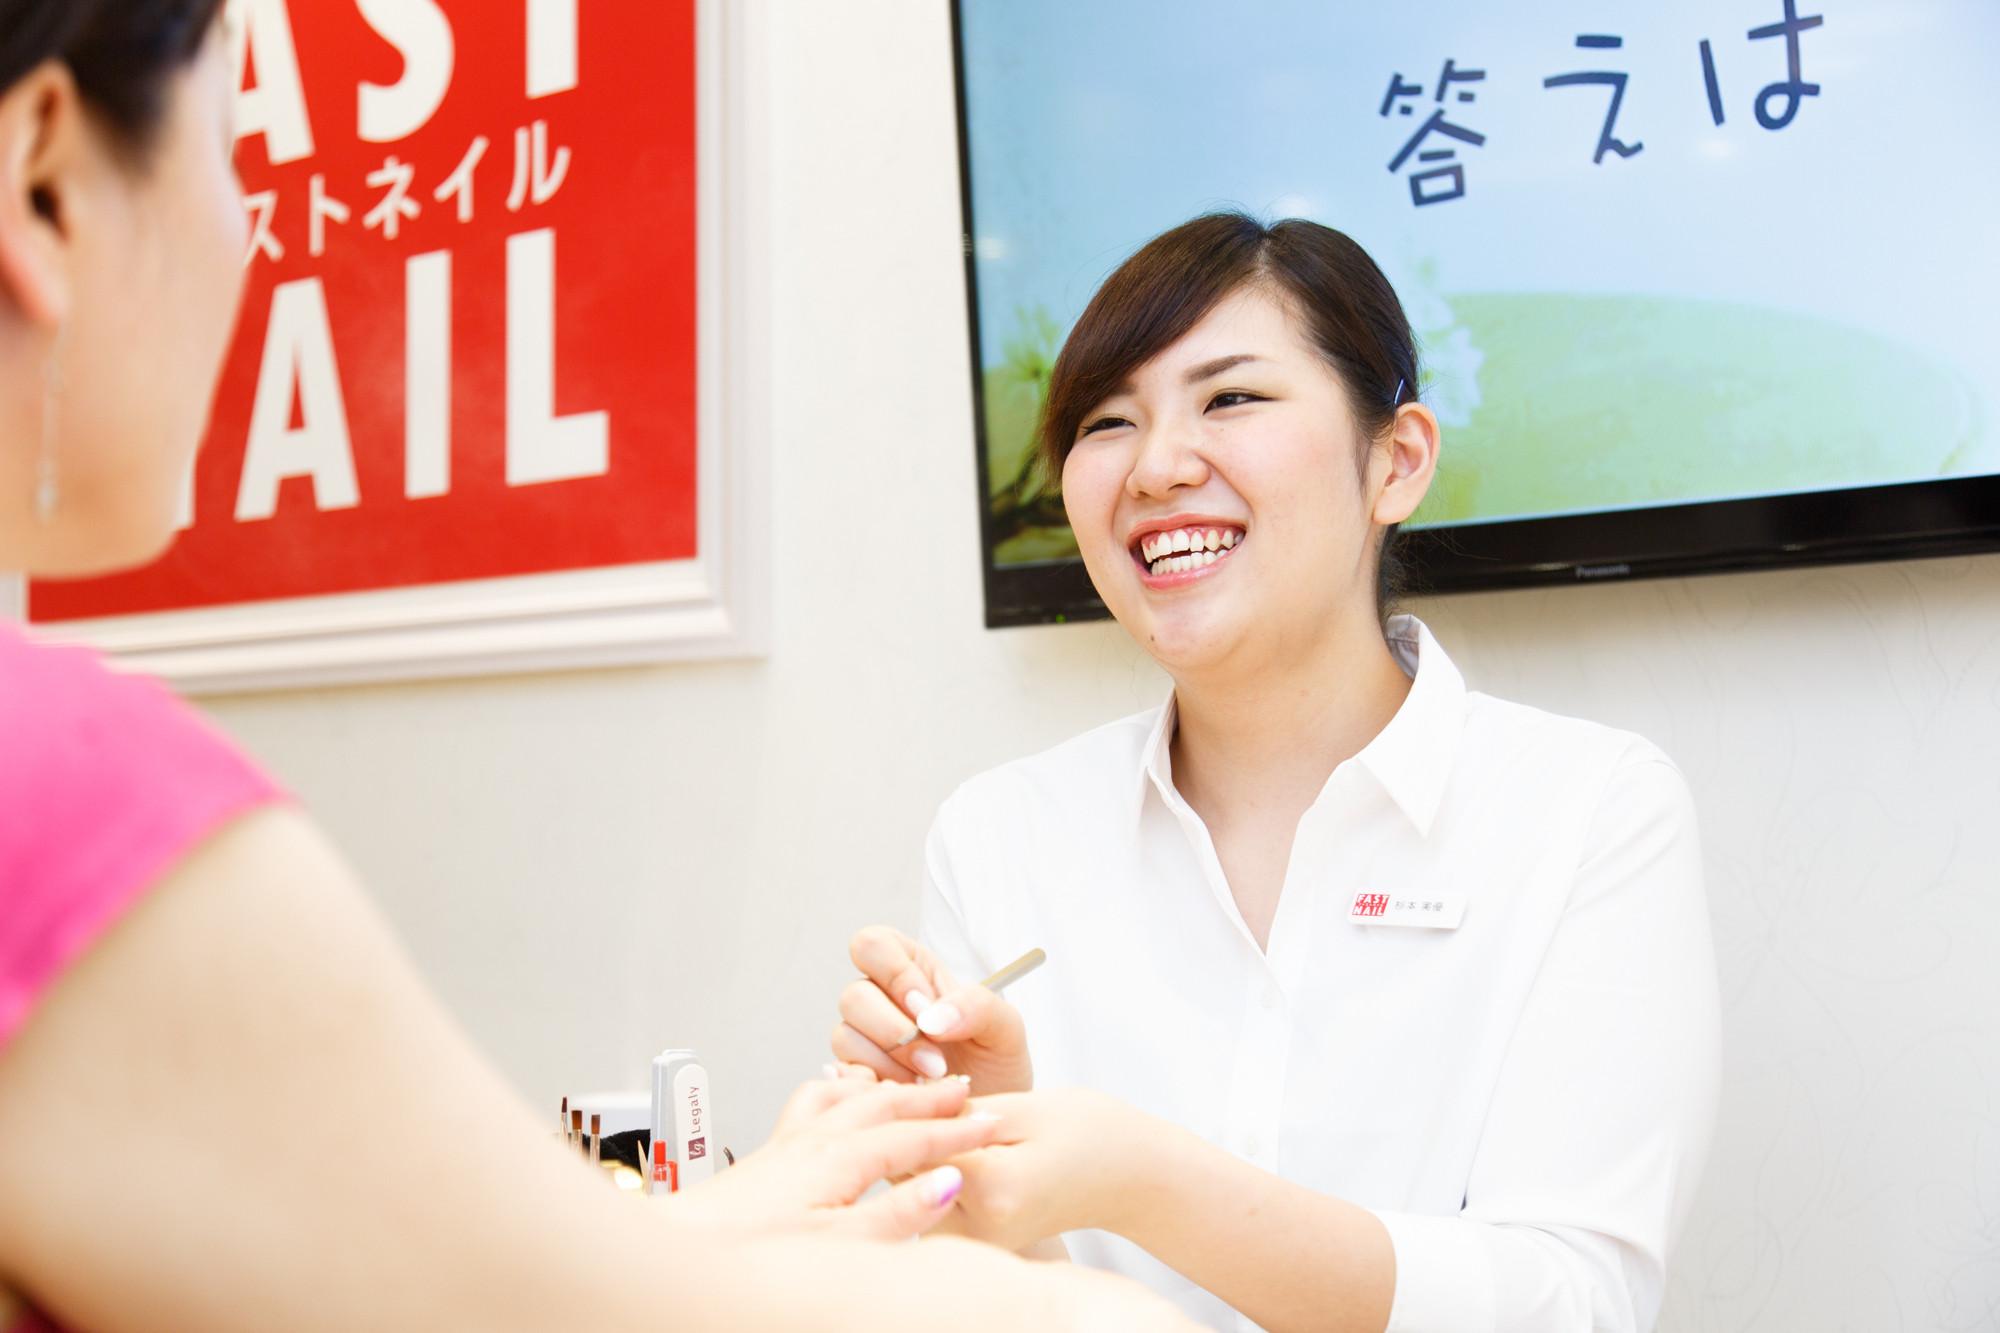 FASTNAIL(ファストネイル) 五反田店 のアルバイト情報